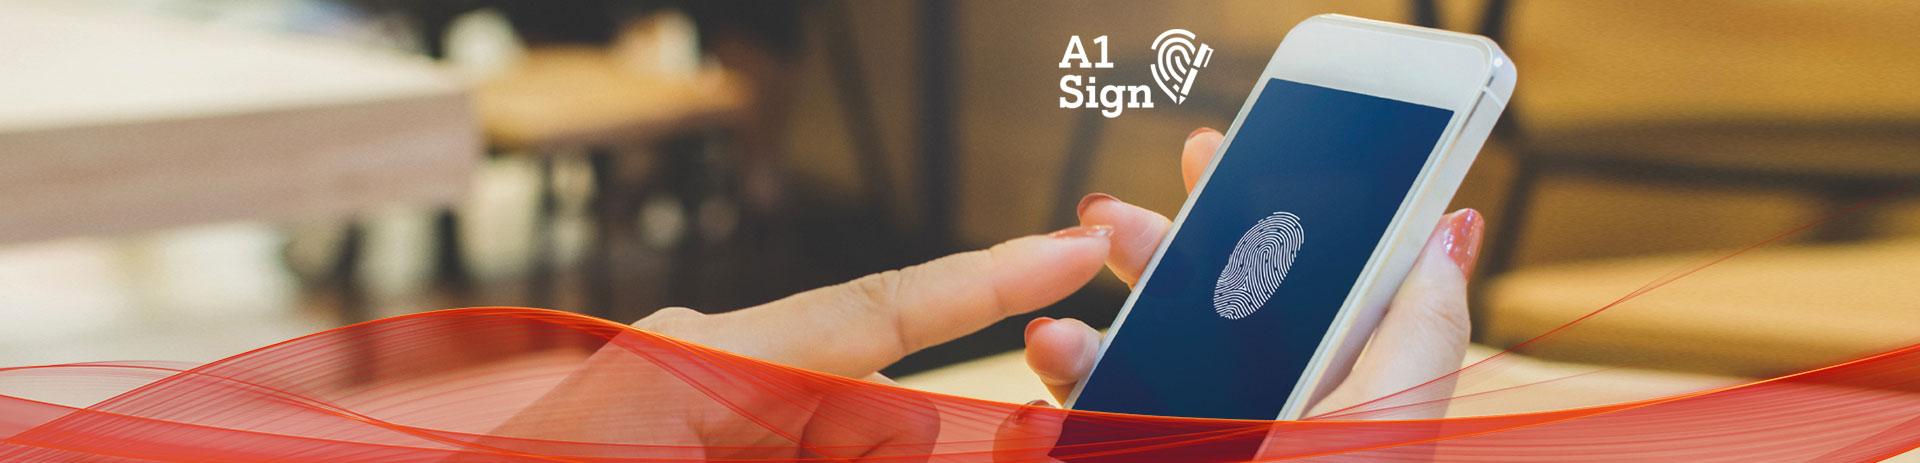 A1 Sign